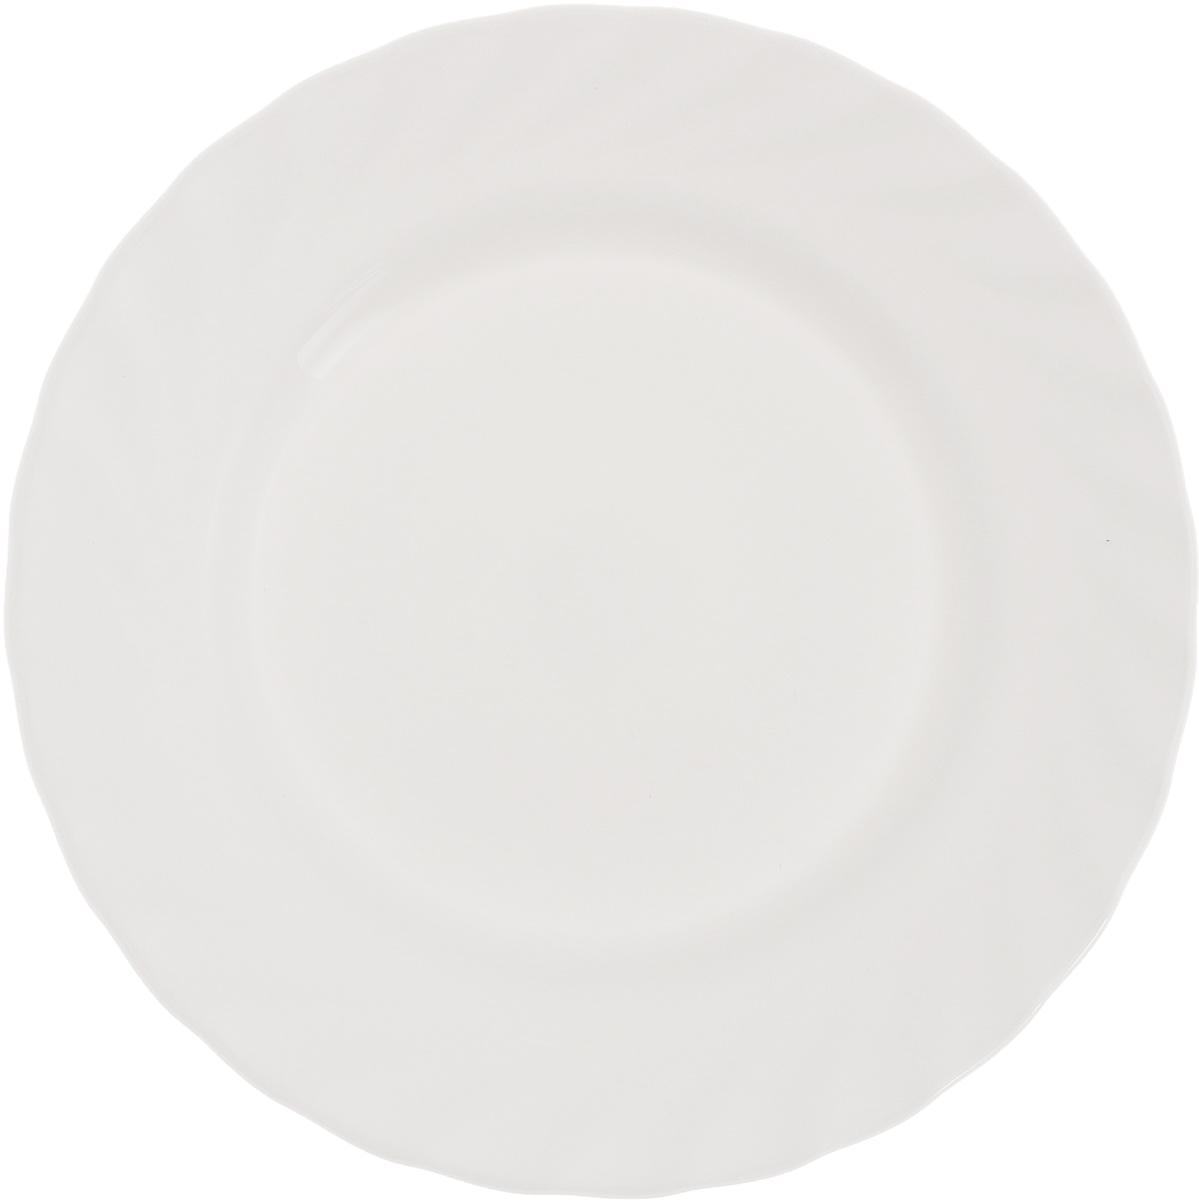 Тарелка десертная Luminarc Trianon, диаметр 19,5 смH4124Десертная тарелка Luminarc Trianon, изготовленная из ударопрочного стекла, имеет изысканный внешний вид. Такая тарелка прекрасно подходит как для торжественных случаев, так и для повседневного использования. Идеальна для подачи десертов, пирожных, тортов и многого другого. Она прекрасно оформит стол и станет отличным дополнением к вашей коллекции кухонной посуды. Диаметр тарелки (по верхнему краю): 19,5 см. Высота тарелки: 1,7 см.